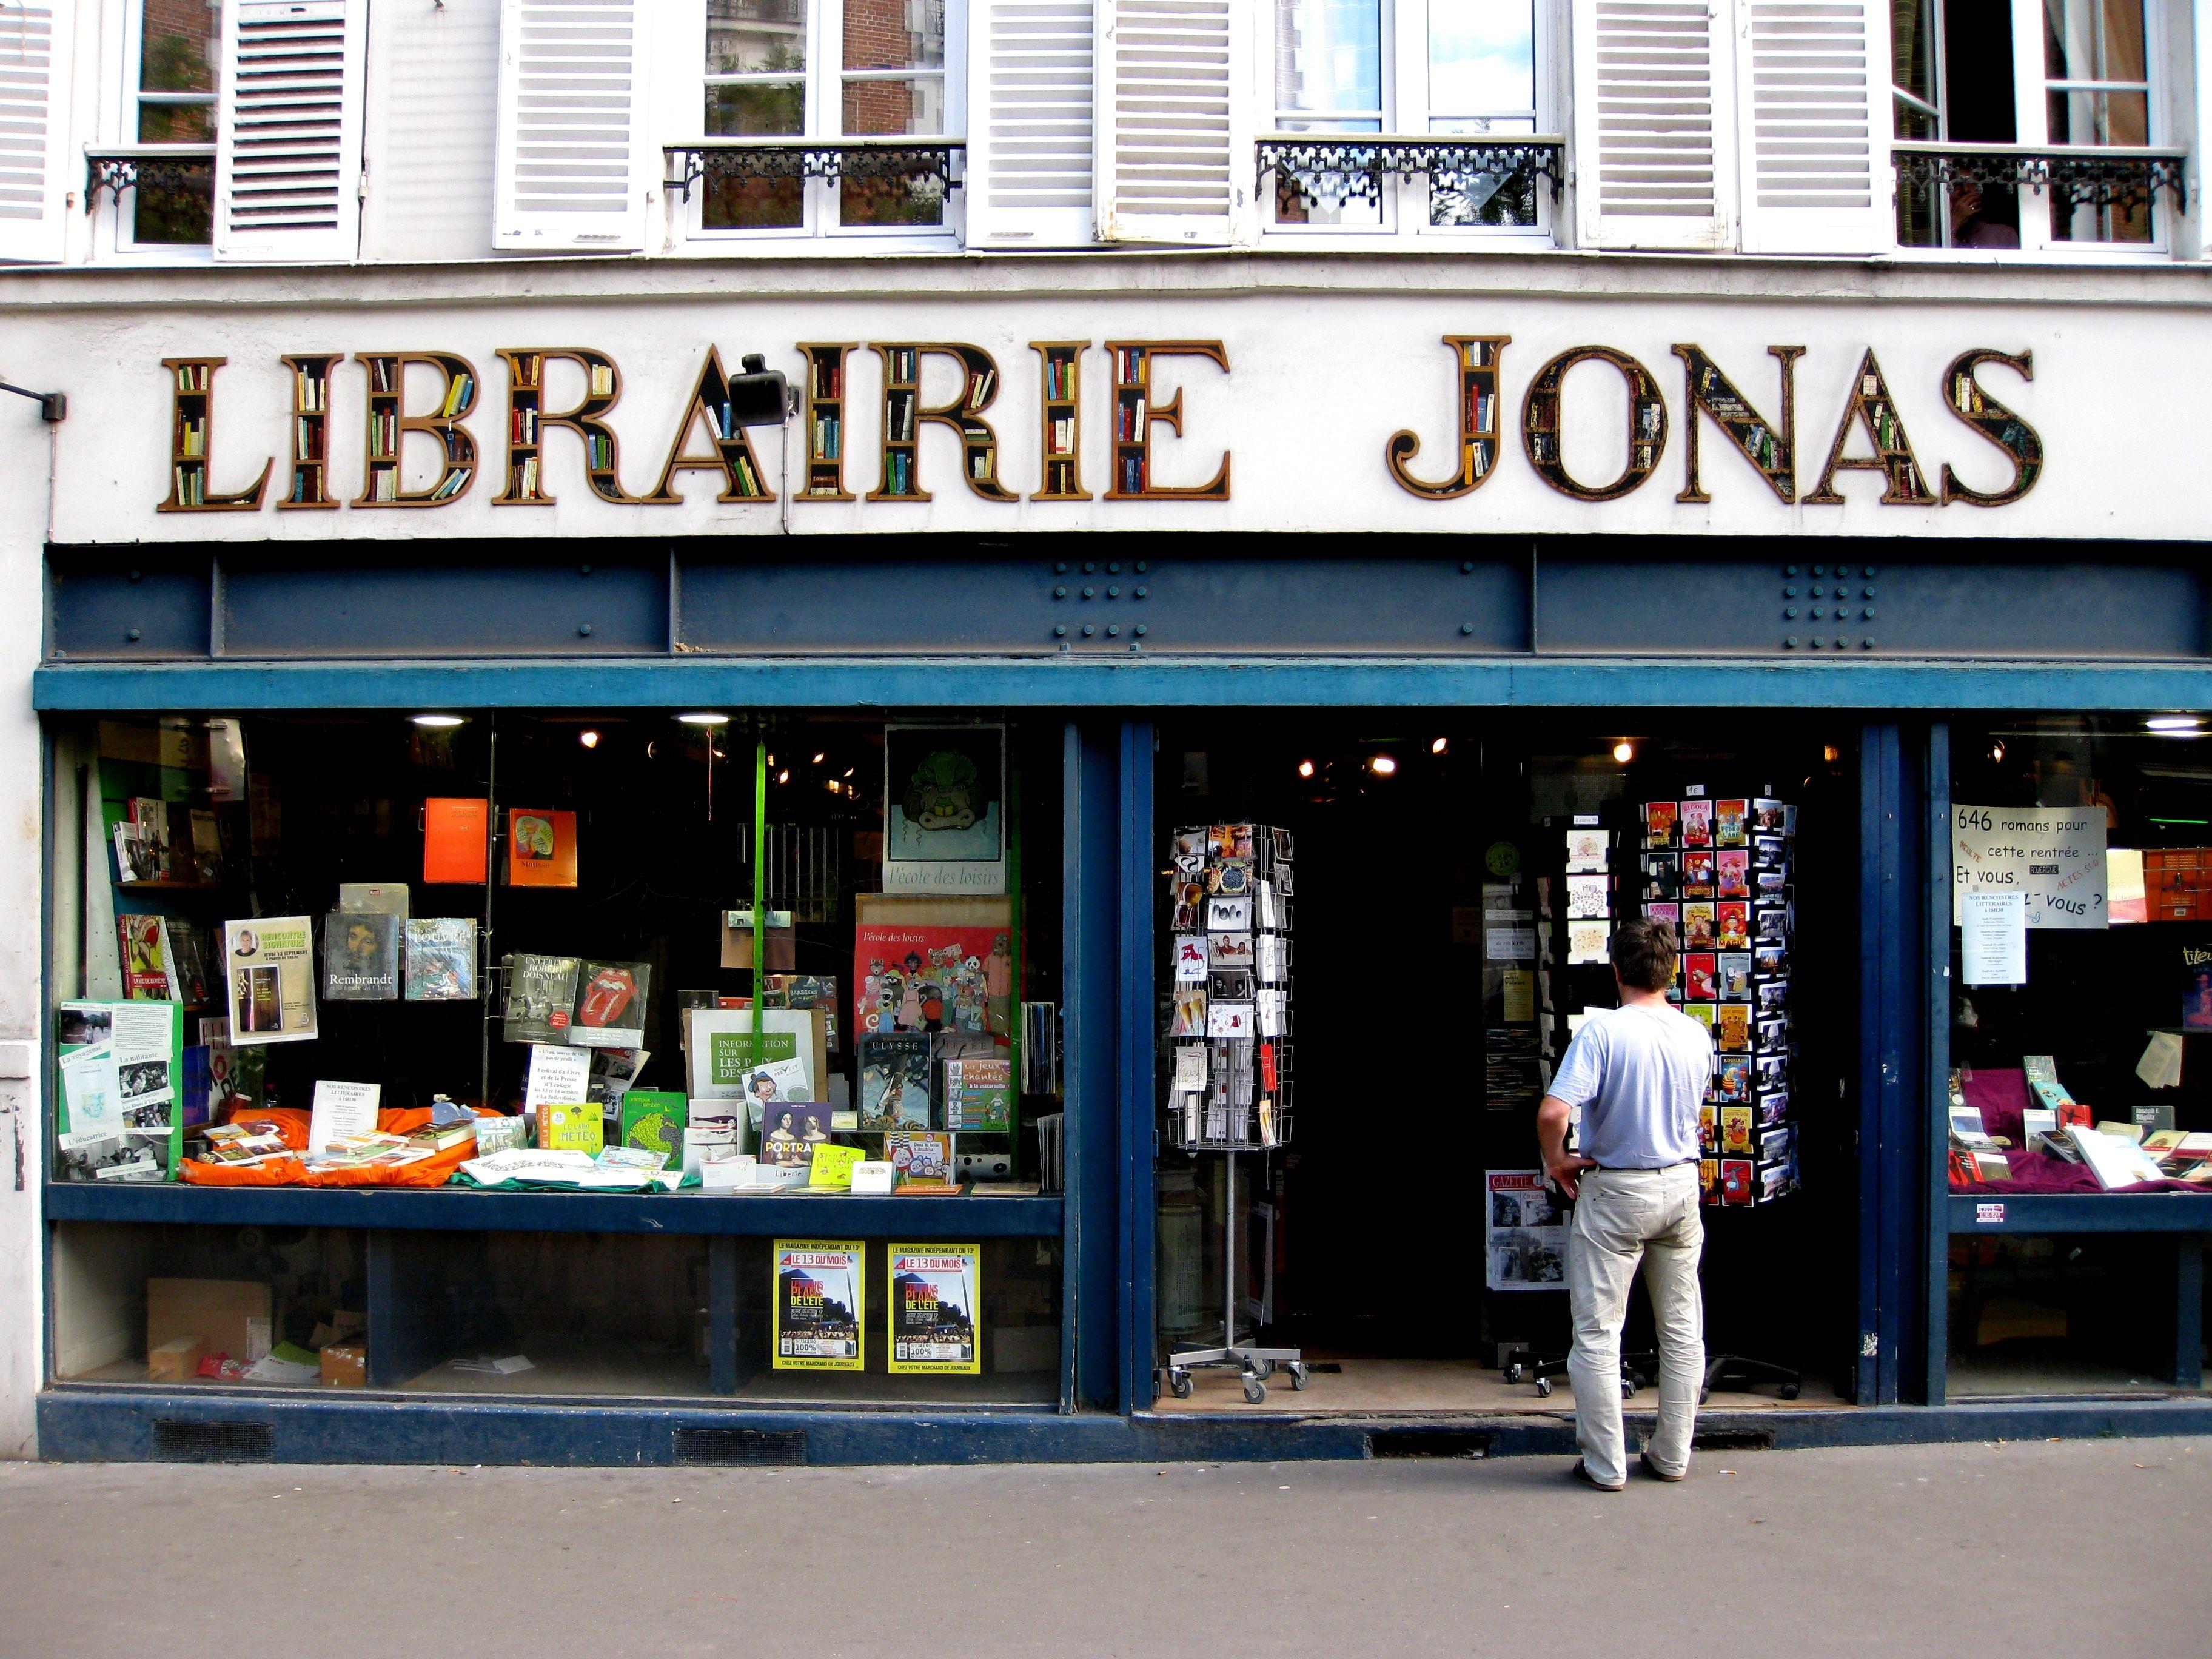 La librairie jonas 75013 les librairies et salon de th - Salon de the librairie ...